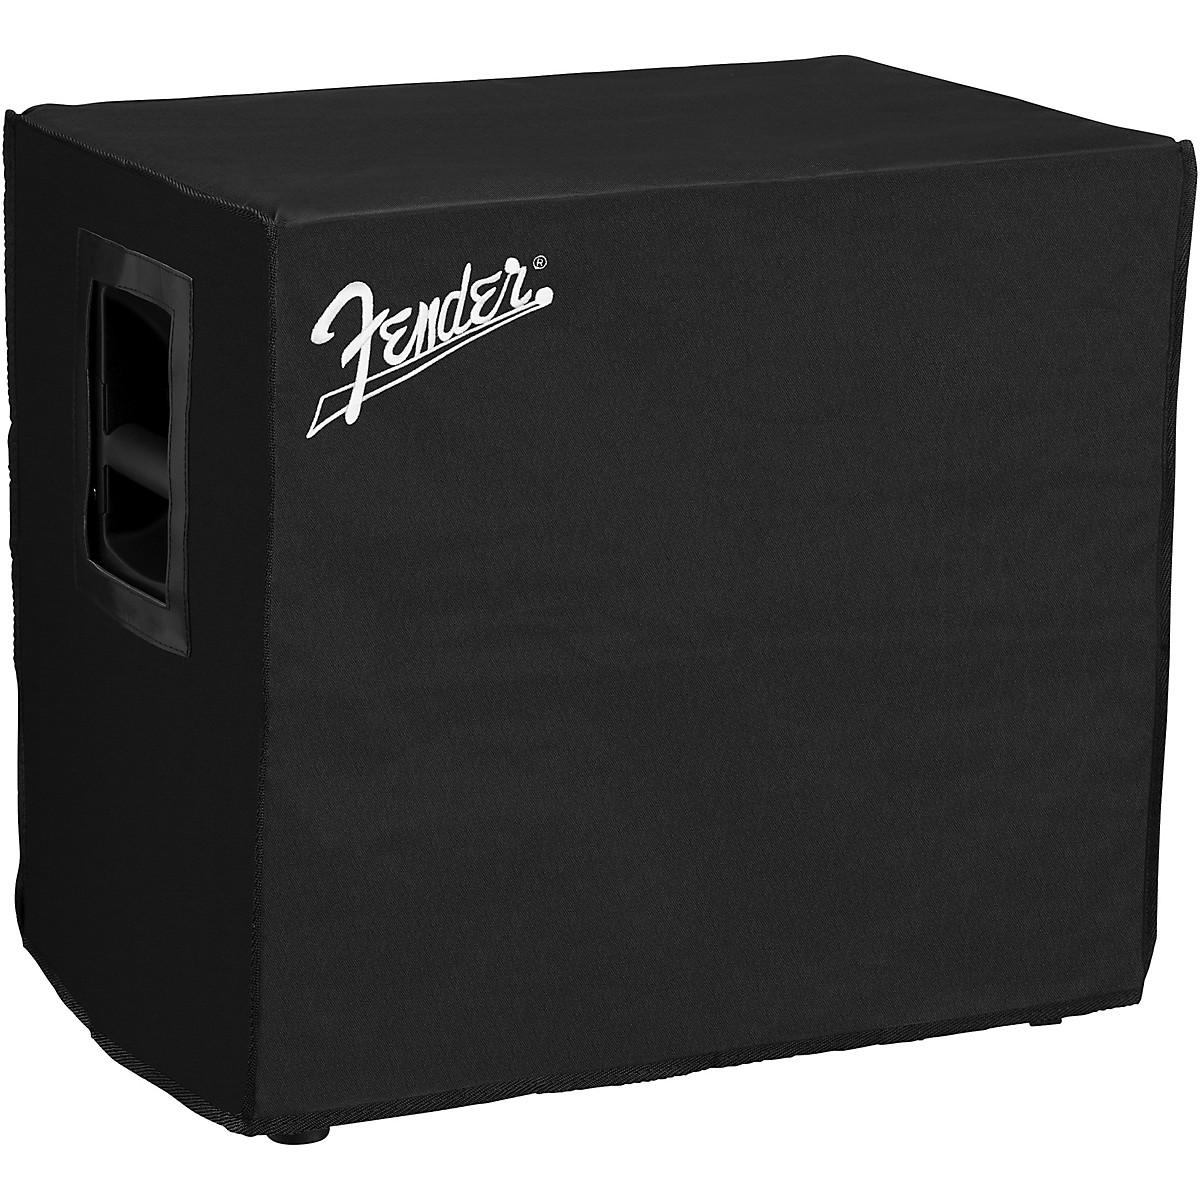 Fender Rumble 115 Speaker Cabinet Cover